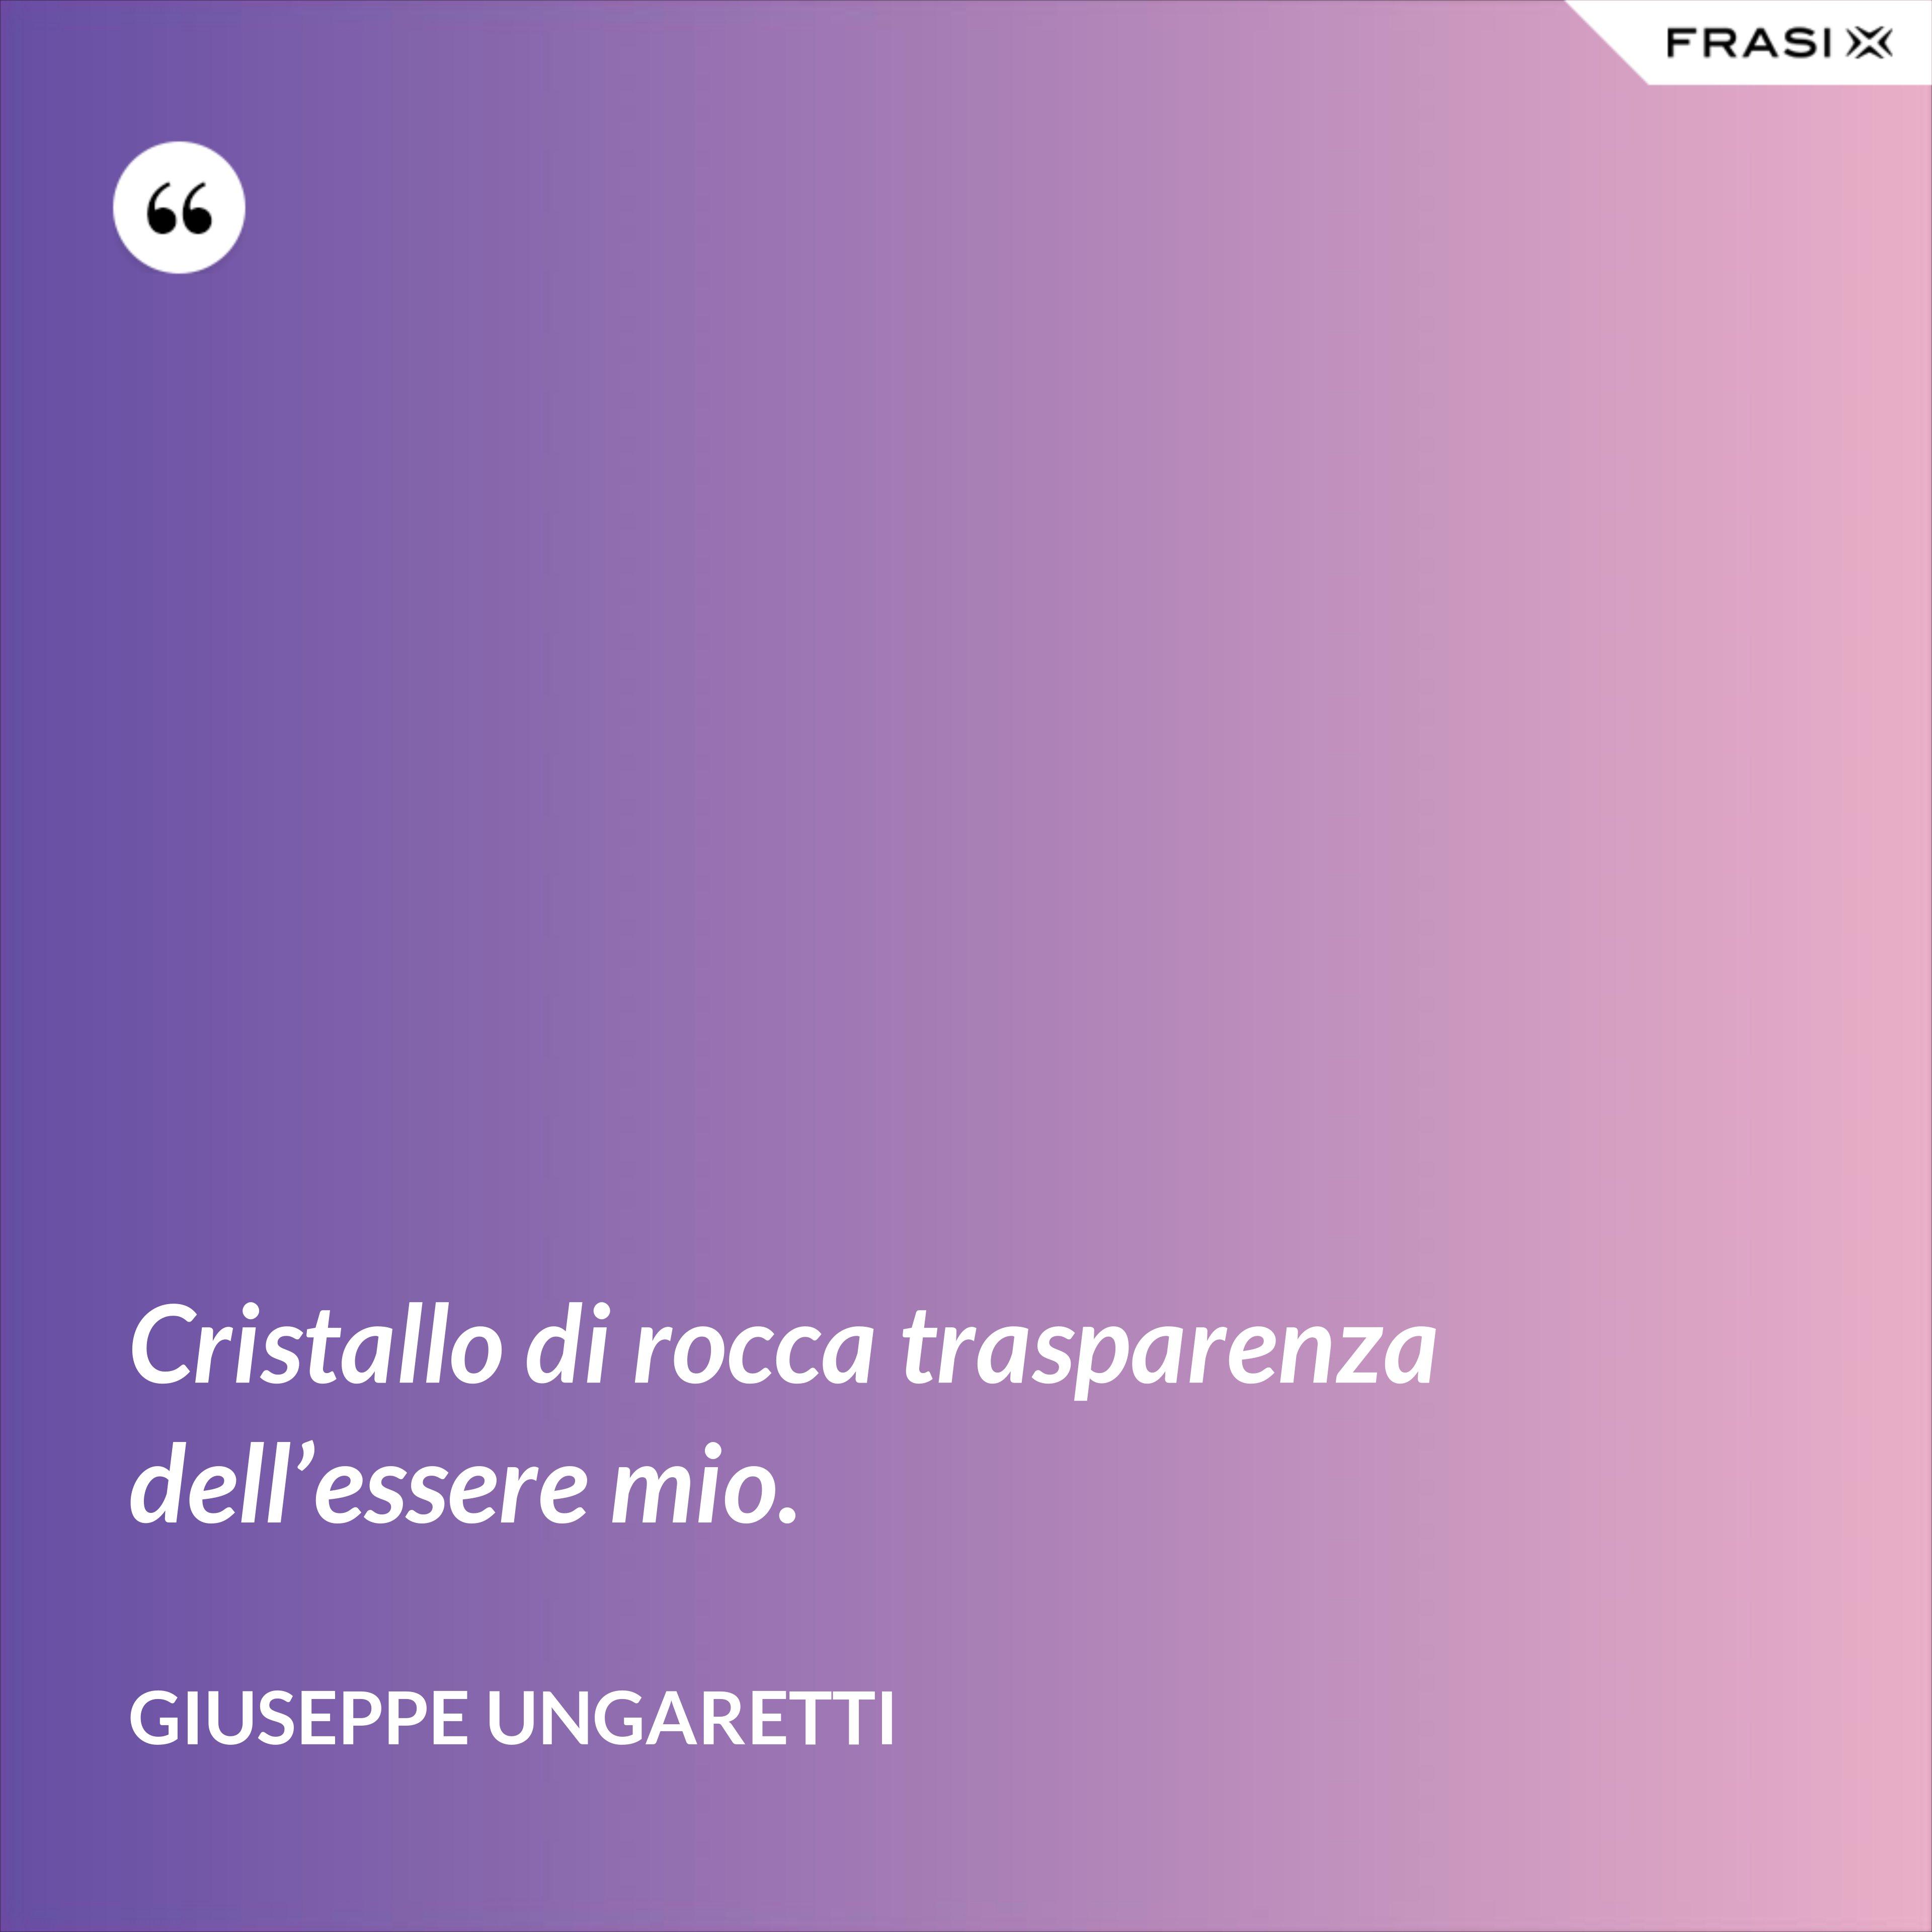 Cristallo di rocca trasparenza dell'essere mio. - Giuseppe Ungaretti